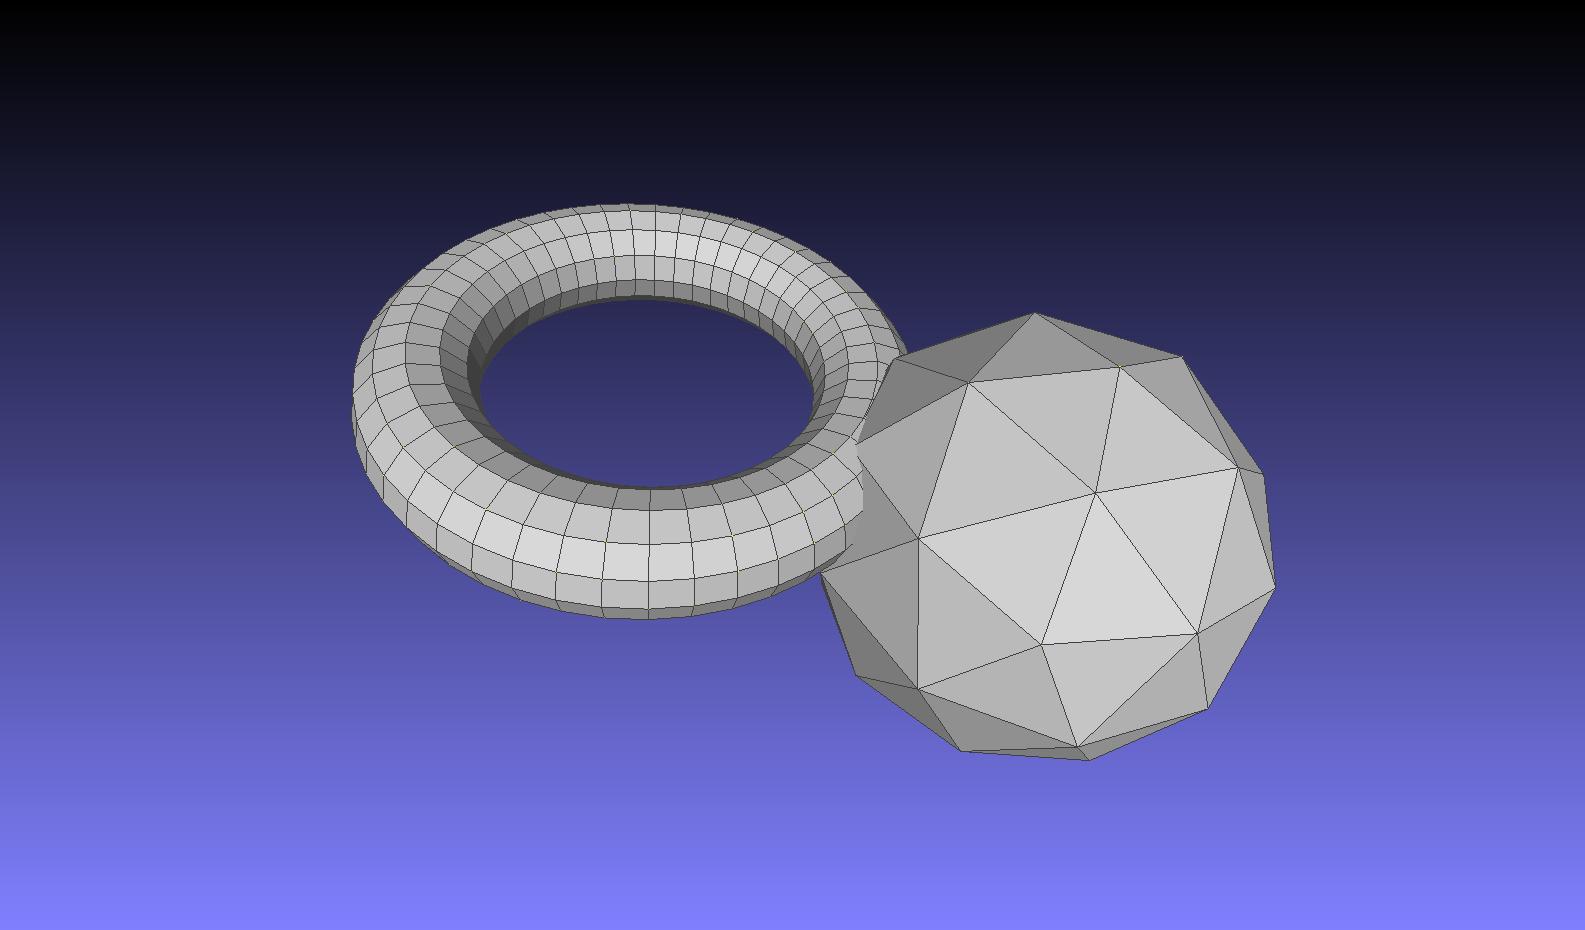 Алгоритмы вычислительной геометрии в 3D